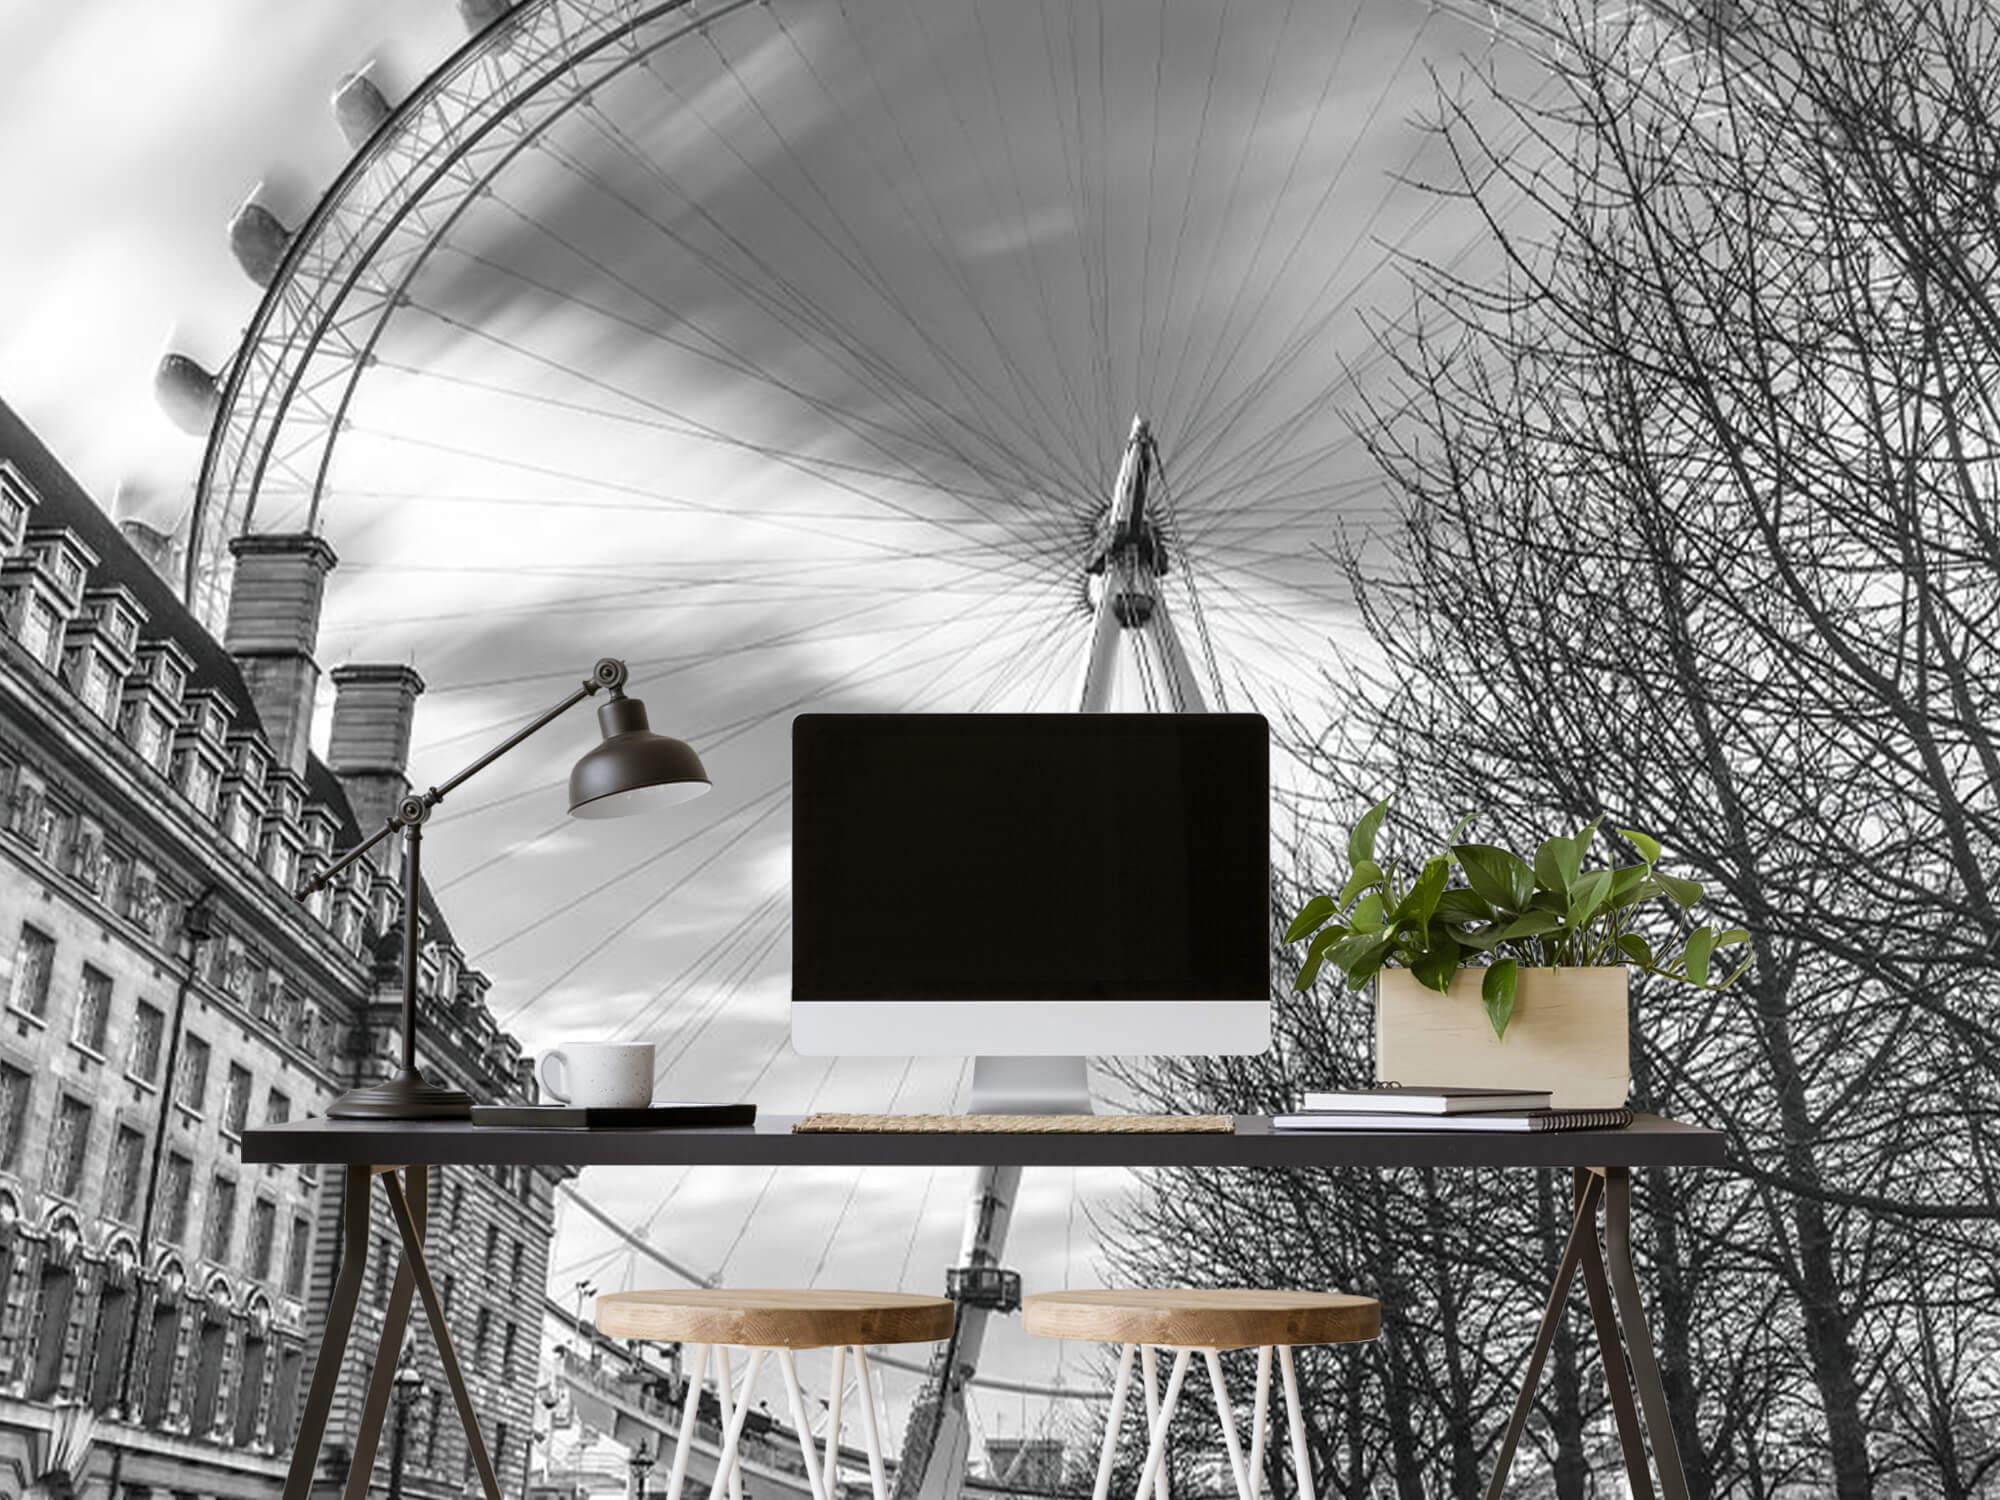 Ferris wheel in London 3